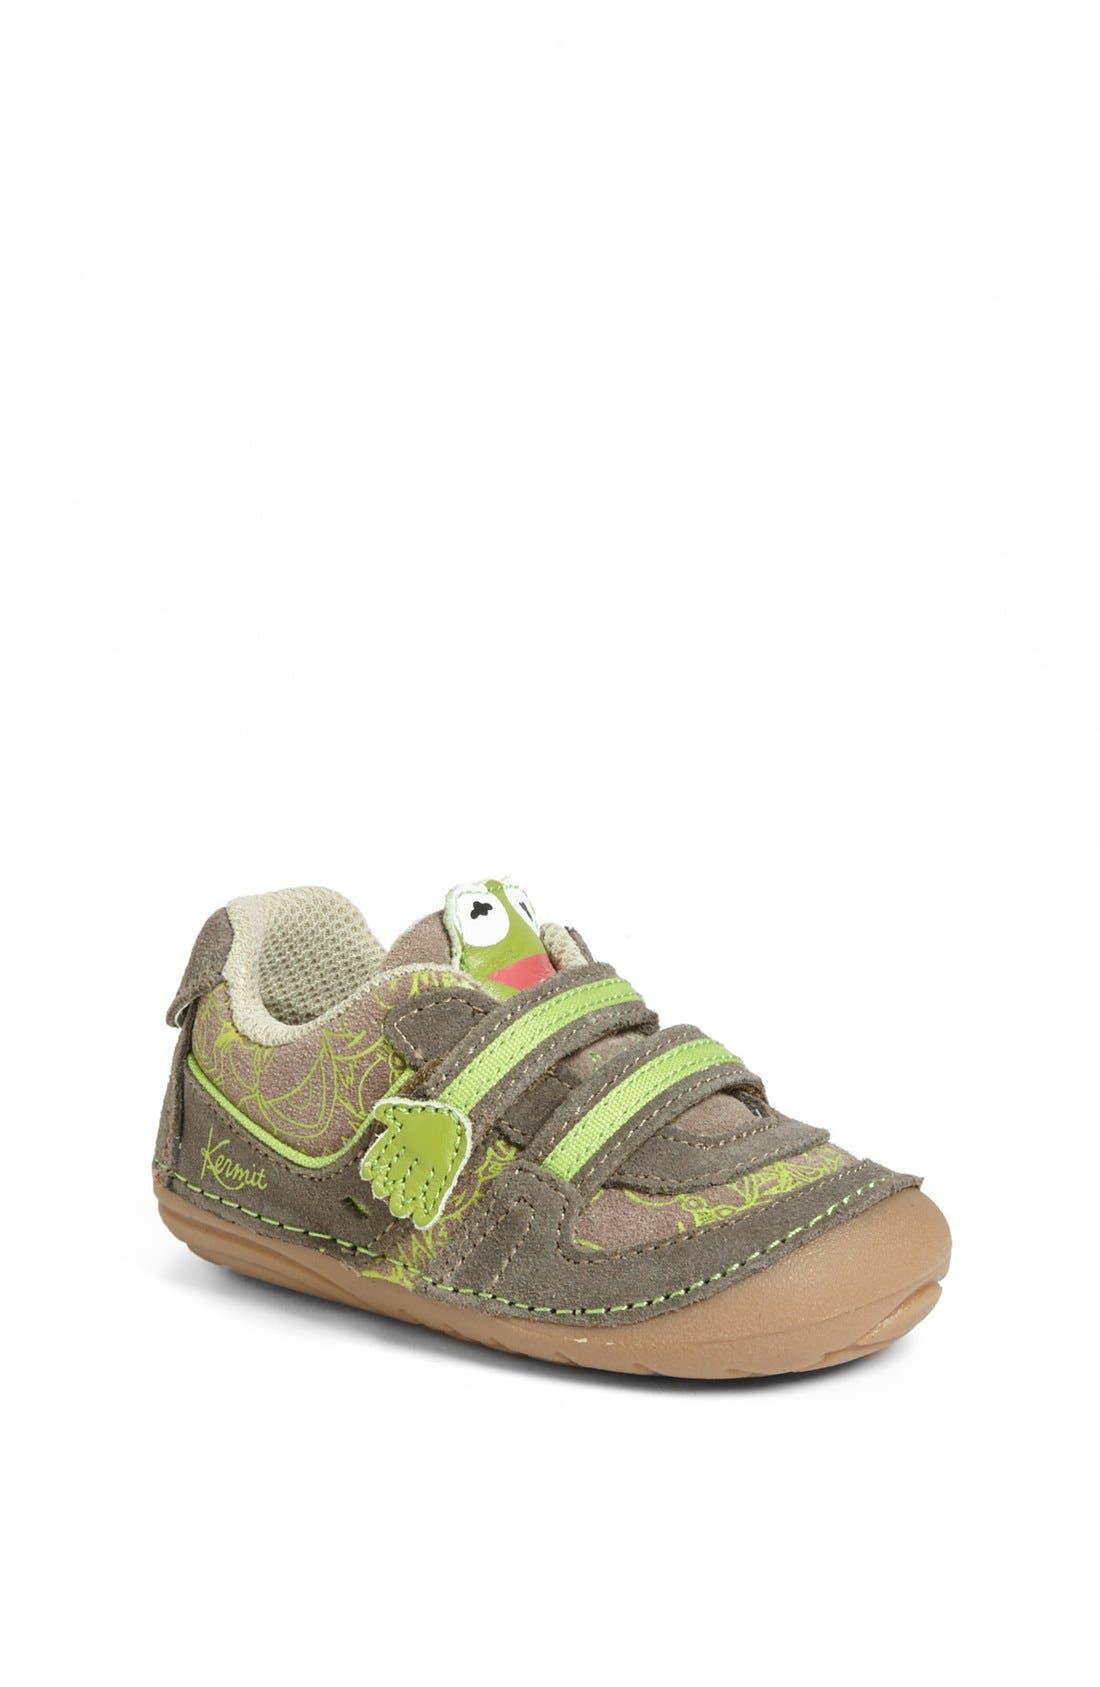 Alternate Image 1 Selected - Stride Rite 'Kermit' Sneaker (Baby & Walker)